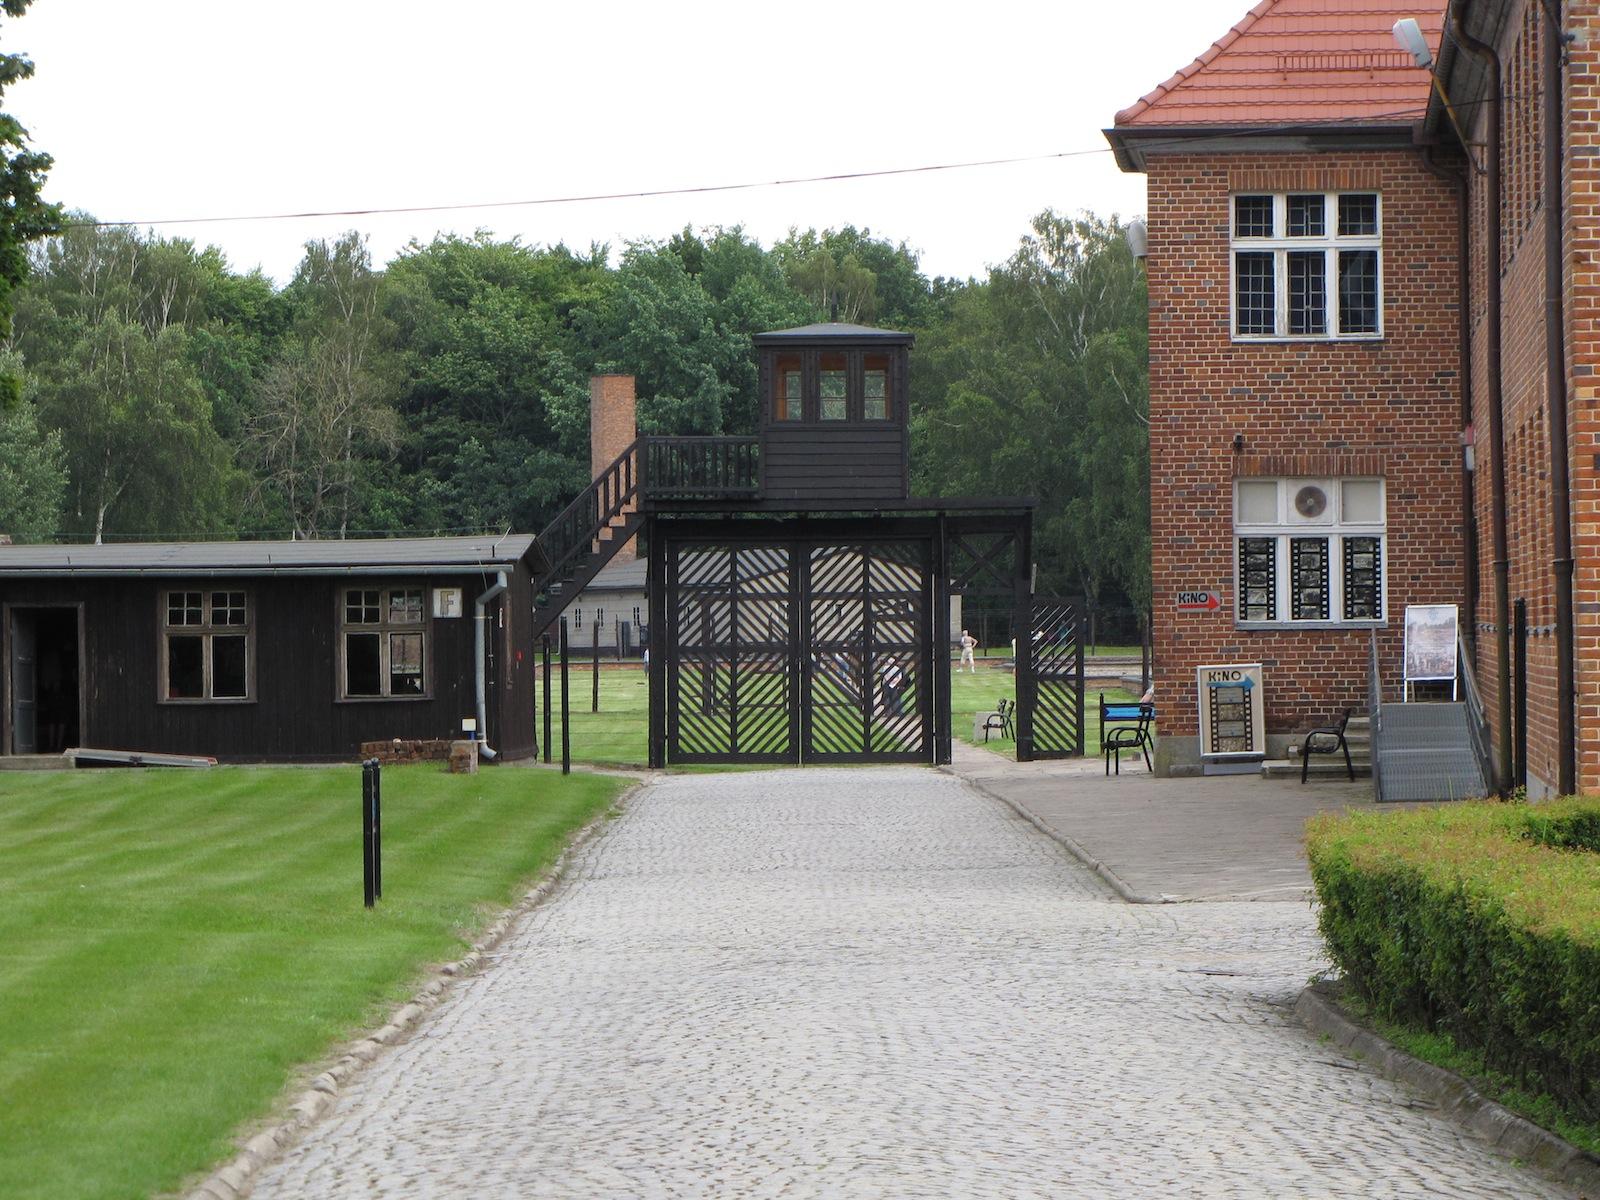 Stutthofin keskitysleiri